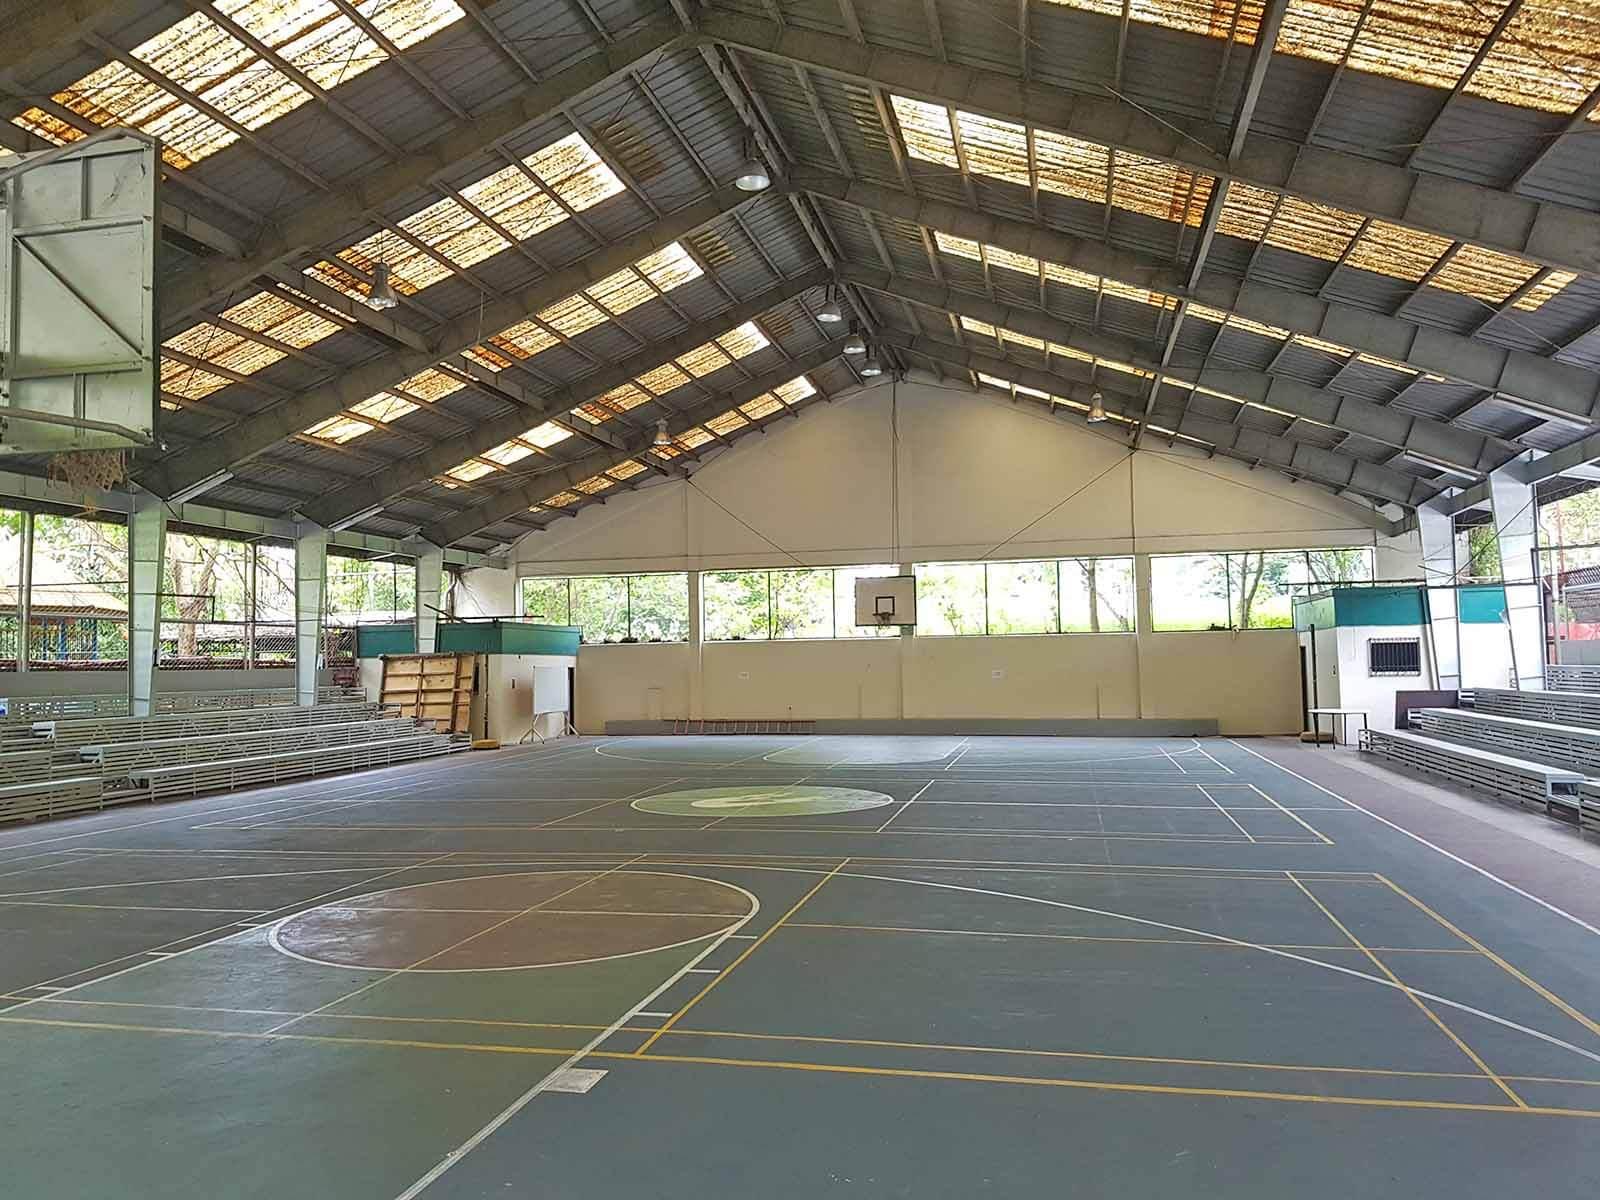 Splash Mountain Laguna Resort - Covered Courts